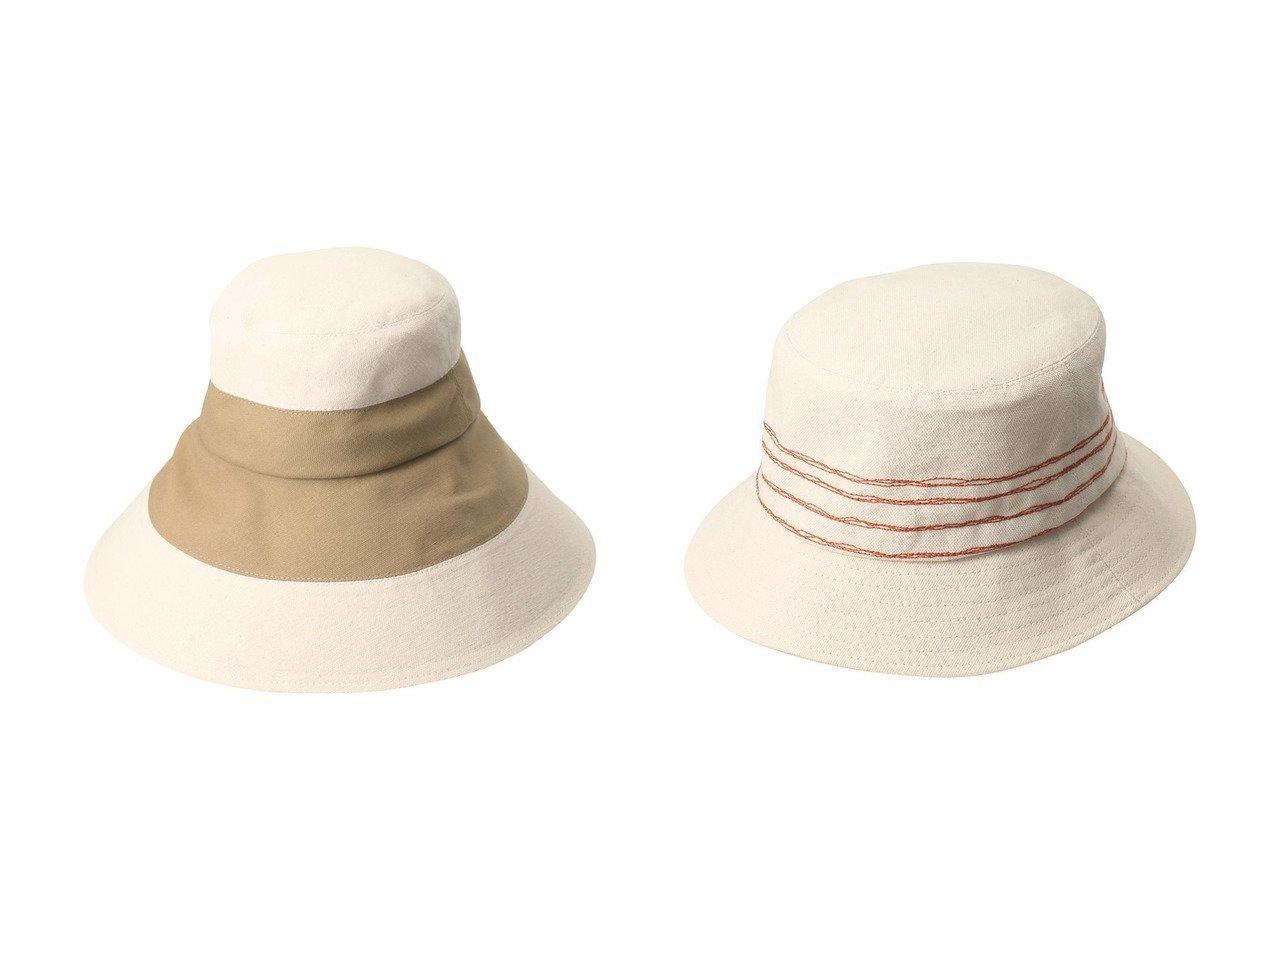 【PLAIN PEOPLE/プレインピープル】の【Lola Hats】コットンバケットハット&【Lola Hats】コットンバケットハット おすすめ!人気、トレンド・レディースファッションの通販 おすすめで人気の流行・トレンド、ファッションの通販商品 メンズファッション・キッズファッション・インテリア・家具・レディースファッション・服の通販 founy(ファニー) https://founy.com/ ファッション Fashion レディースファッション WOMEN 帽子 Hats 2021年 2021 2021春夏・S/S SS/Spring/Summer/2021 S/S・春夏 SS・Spring/Summer シンプル ボーダー 春 Spring |ID:crp329100000027185